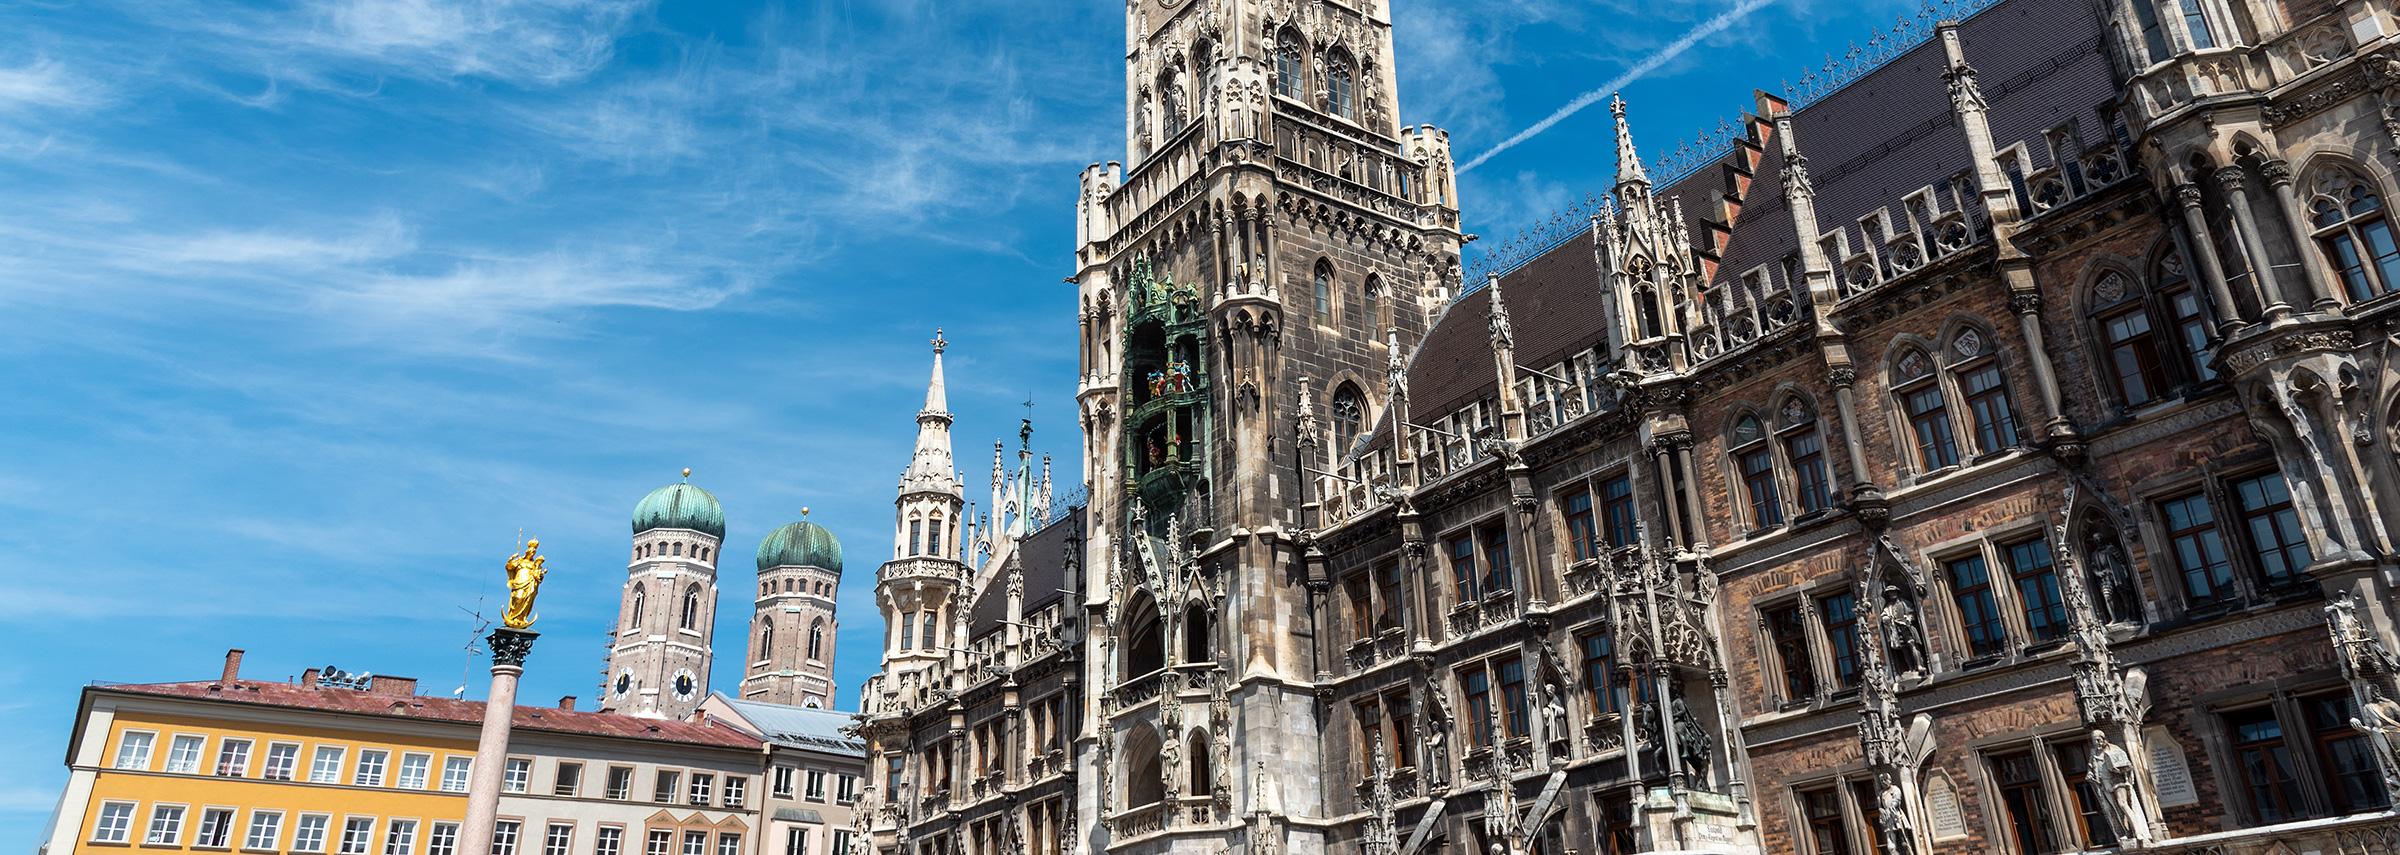 Münchner Rathaus Marienplatz